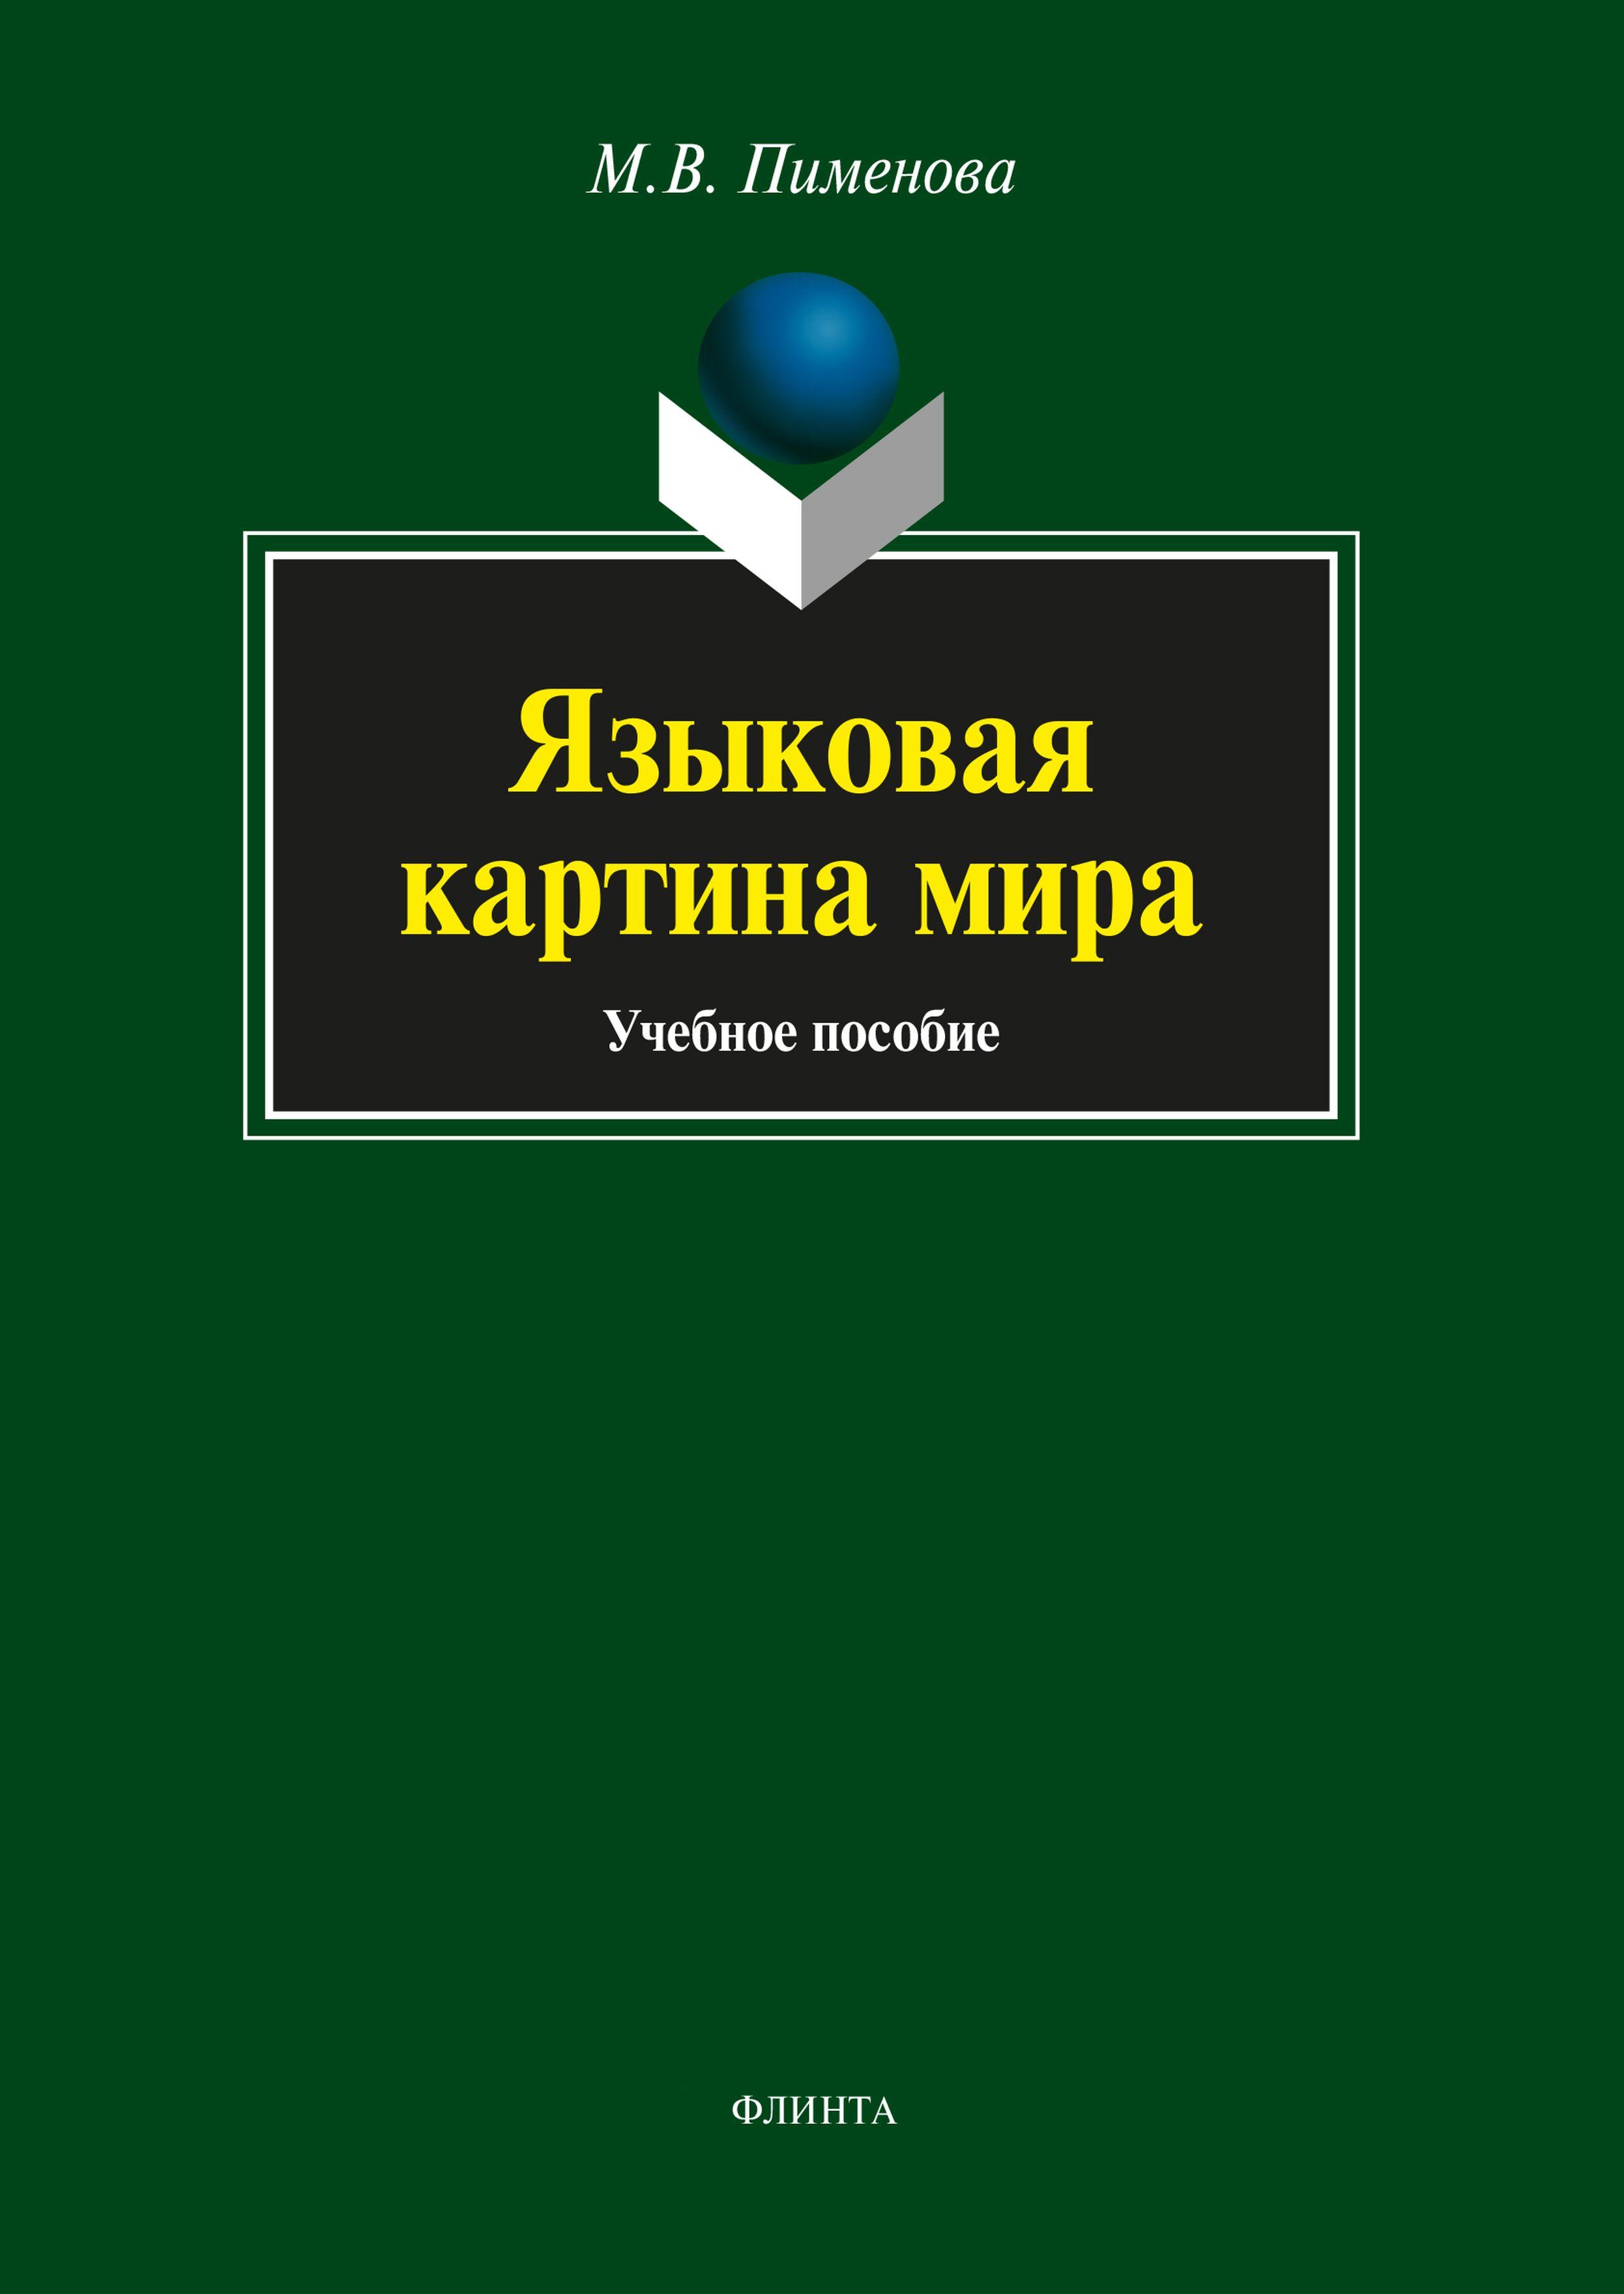 М. В. Пименова Языковая картина мира т в булыгина языковая концептуализация мира на материале русской грамматики